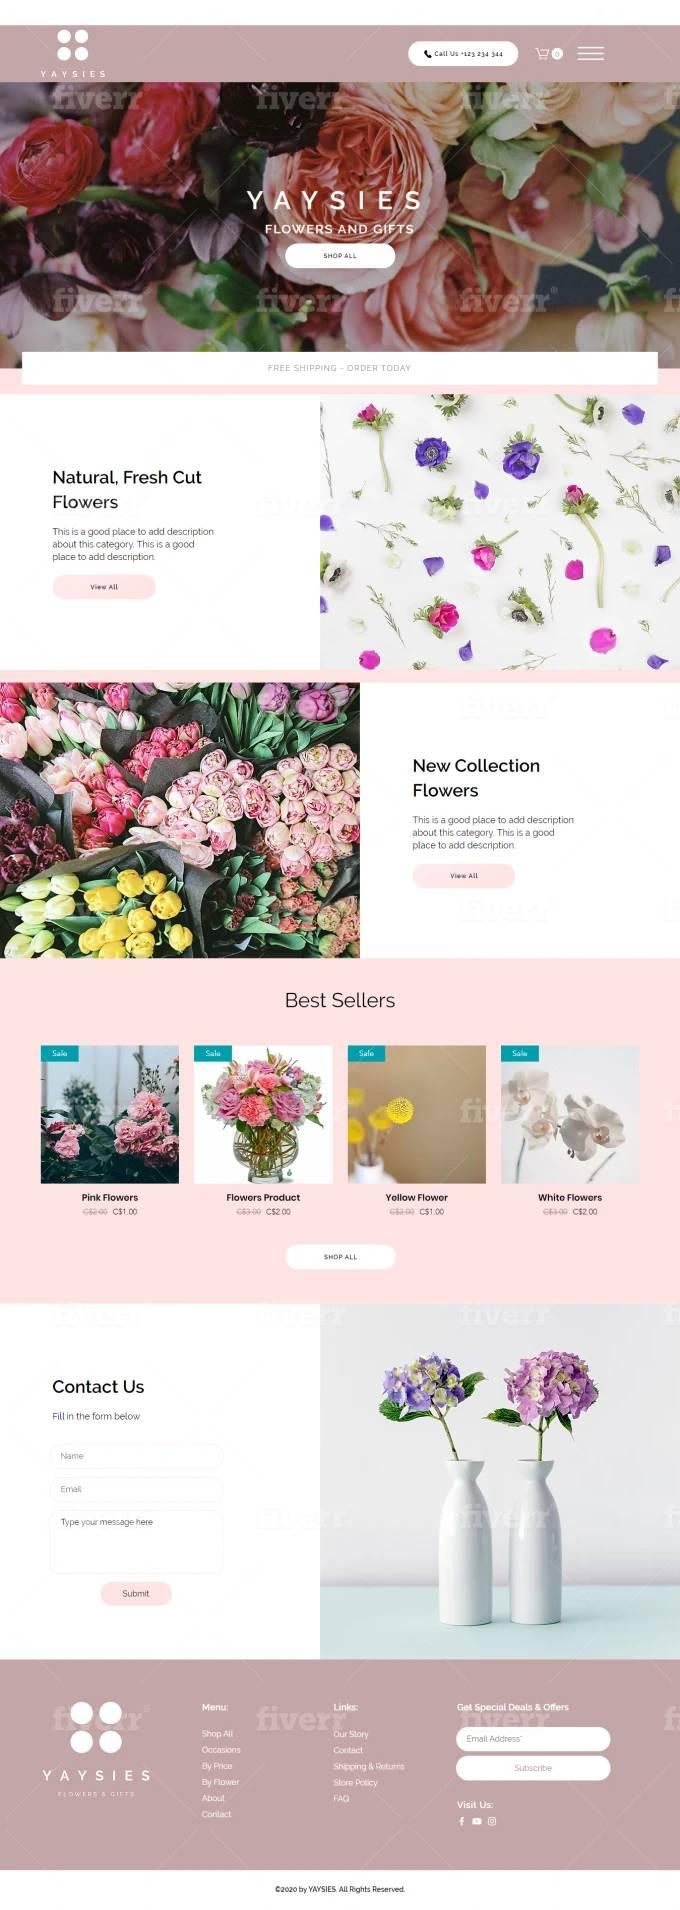 Website designed by Fiverr designer